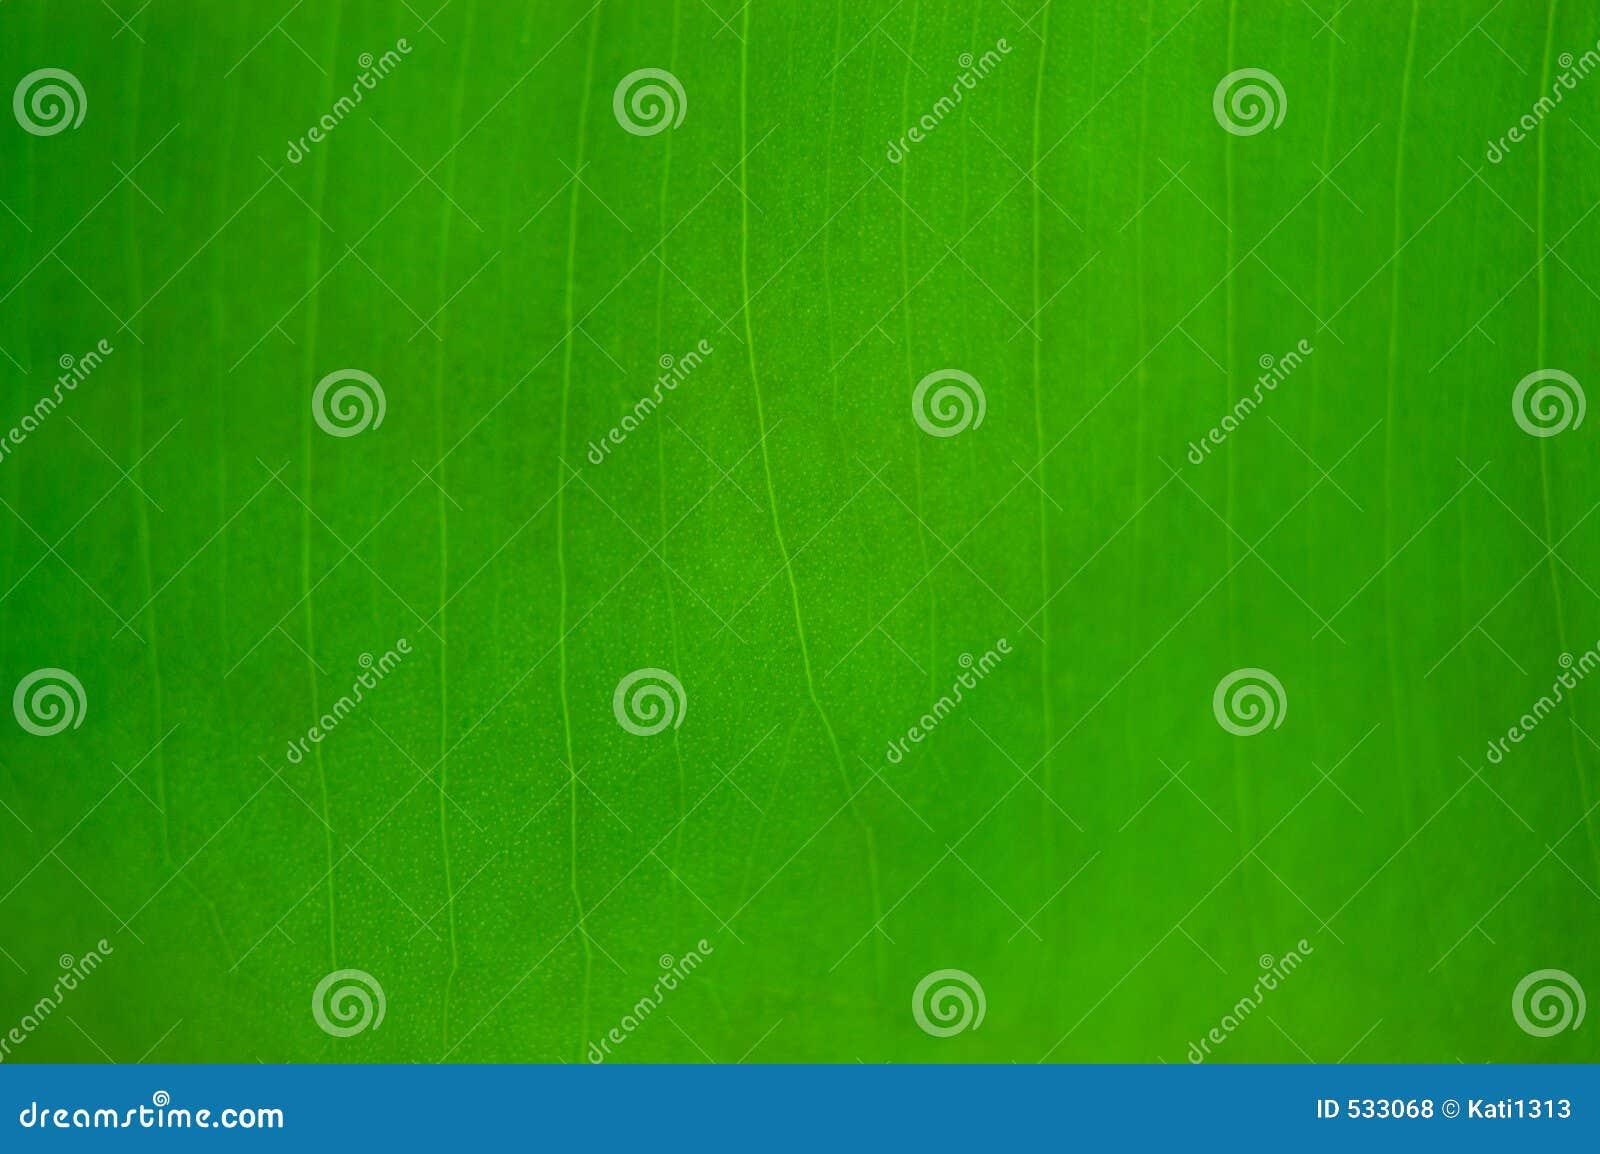 Download 自然的背景 库存照片. 图片 包括有 自然, 结构, 纹理, 模式, 绿色, 背包, 有机, 关闭, 特写镜头 - 533068